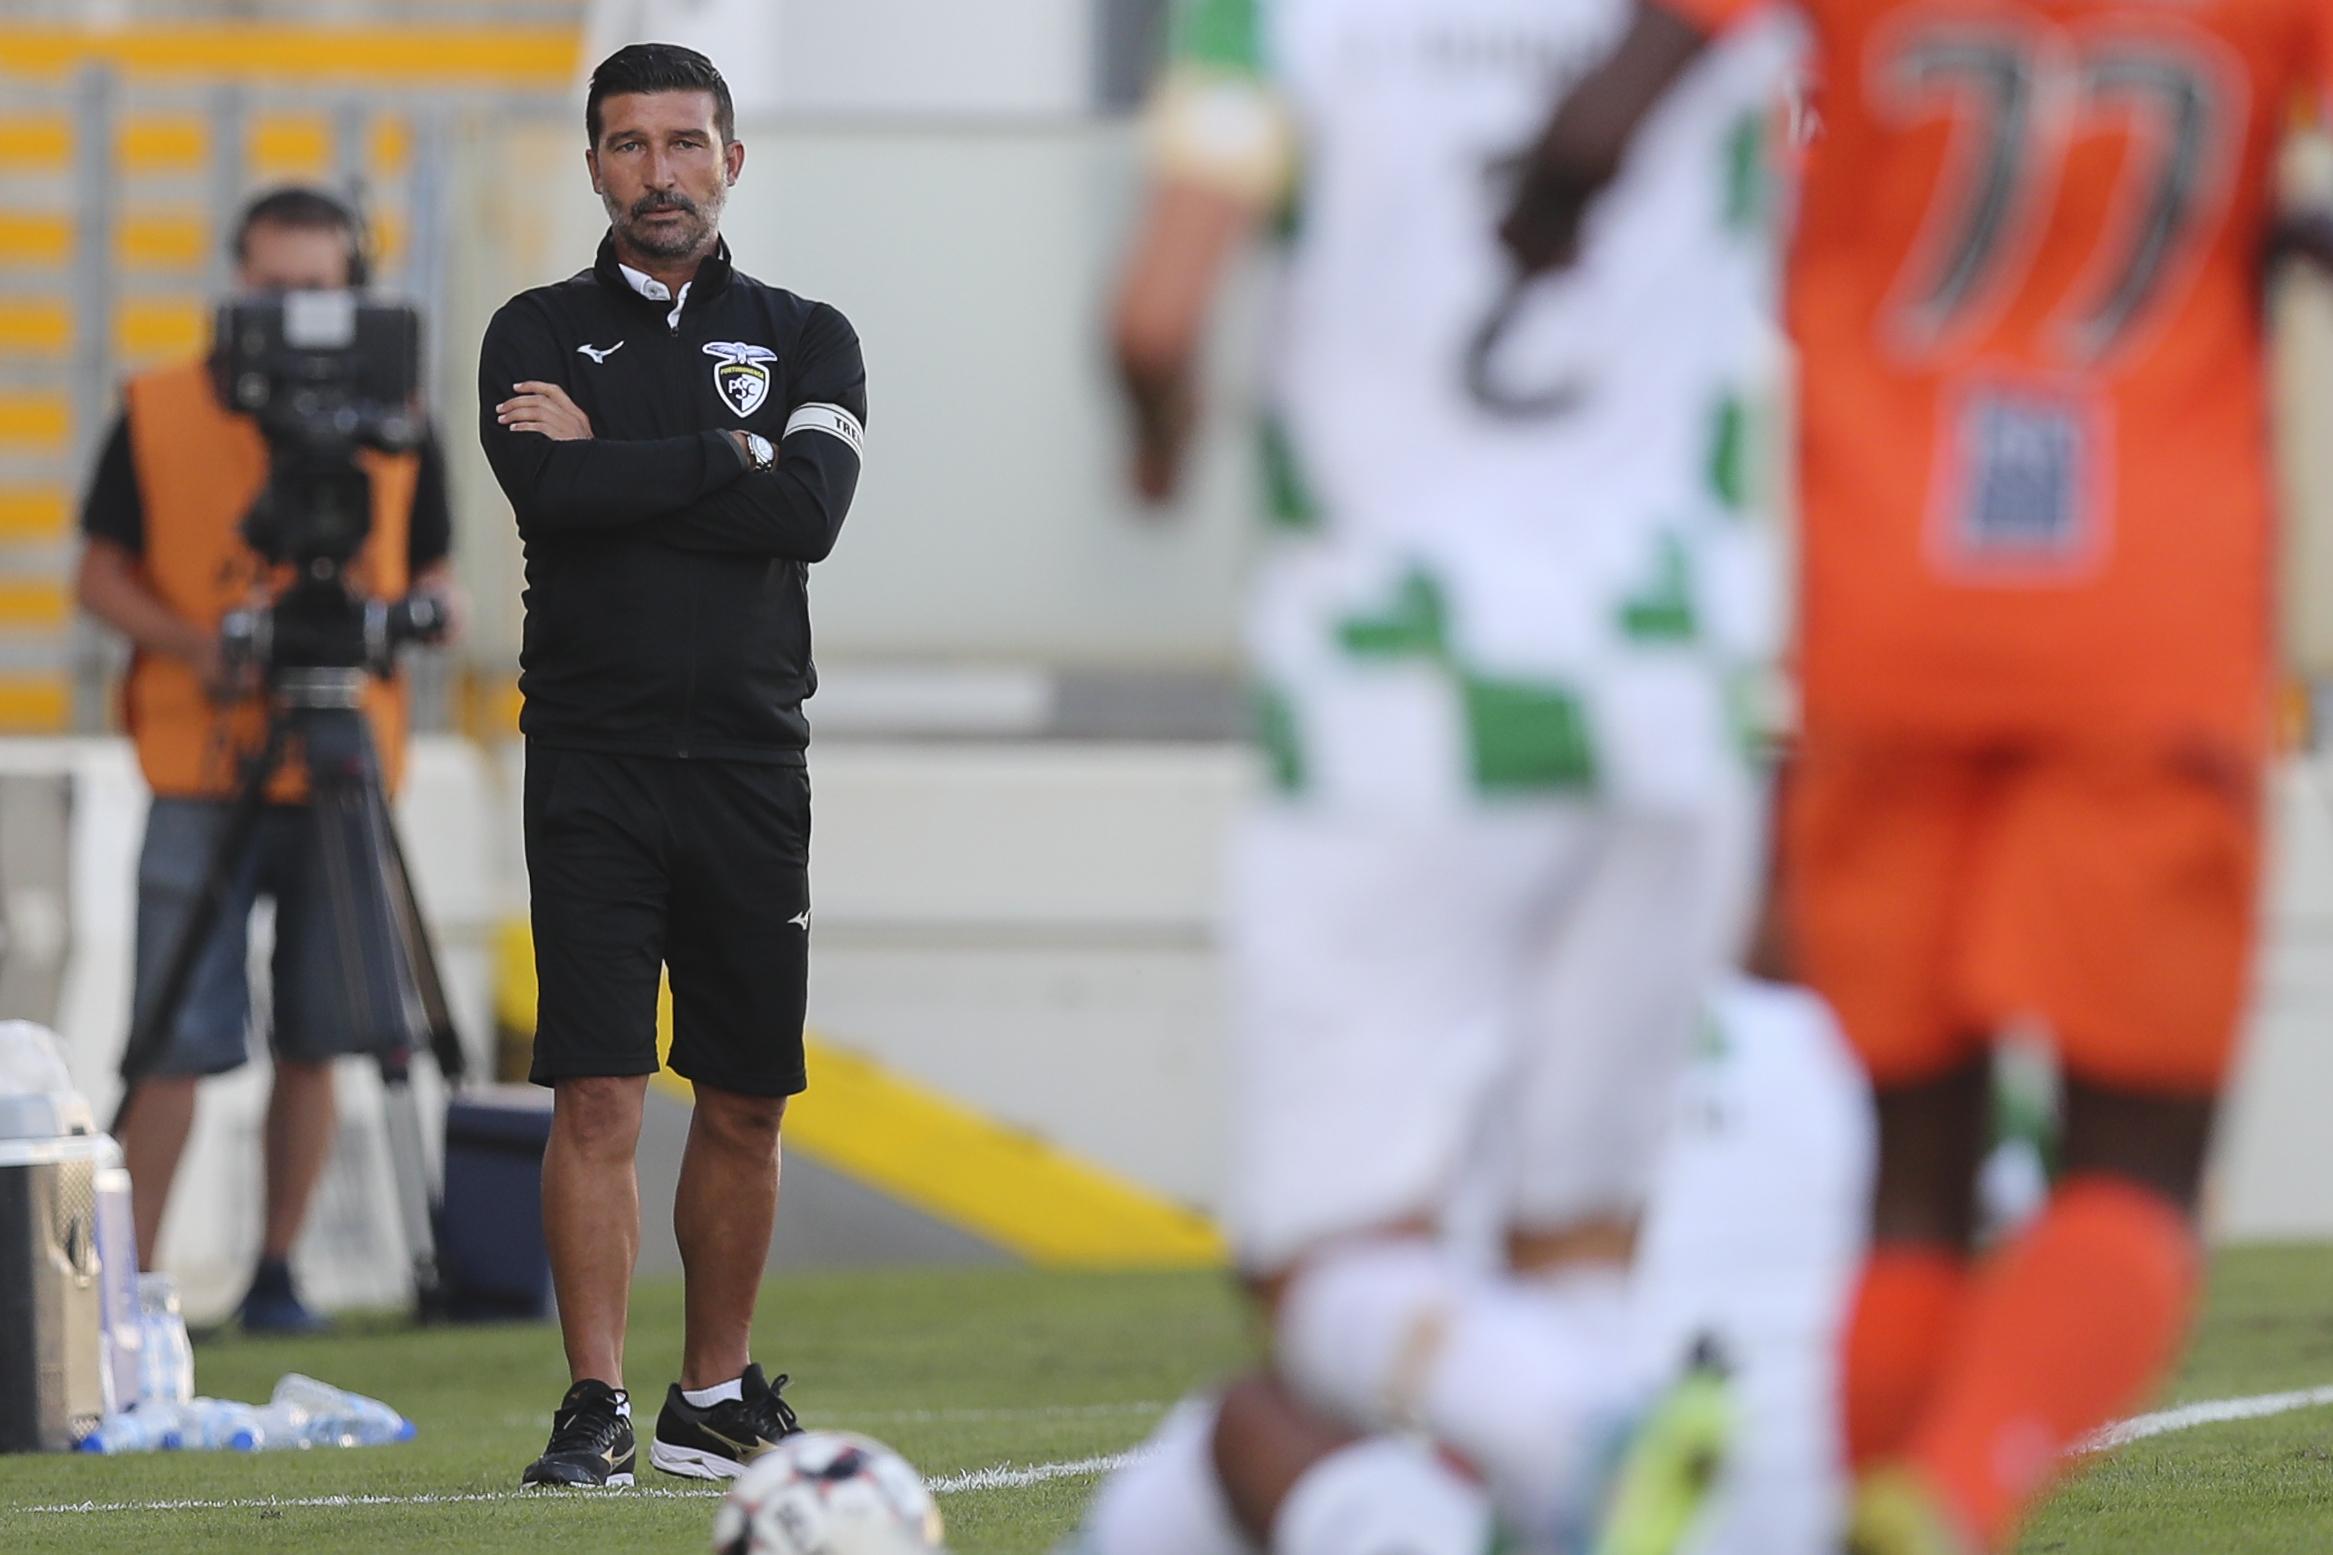 António Folha anuncia saída do comando técnico do Portimonense